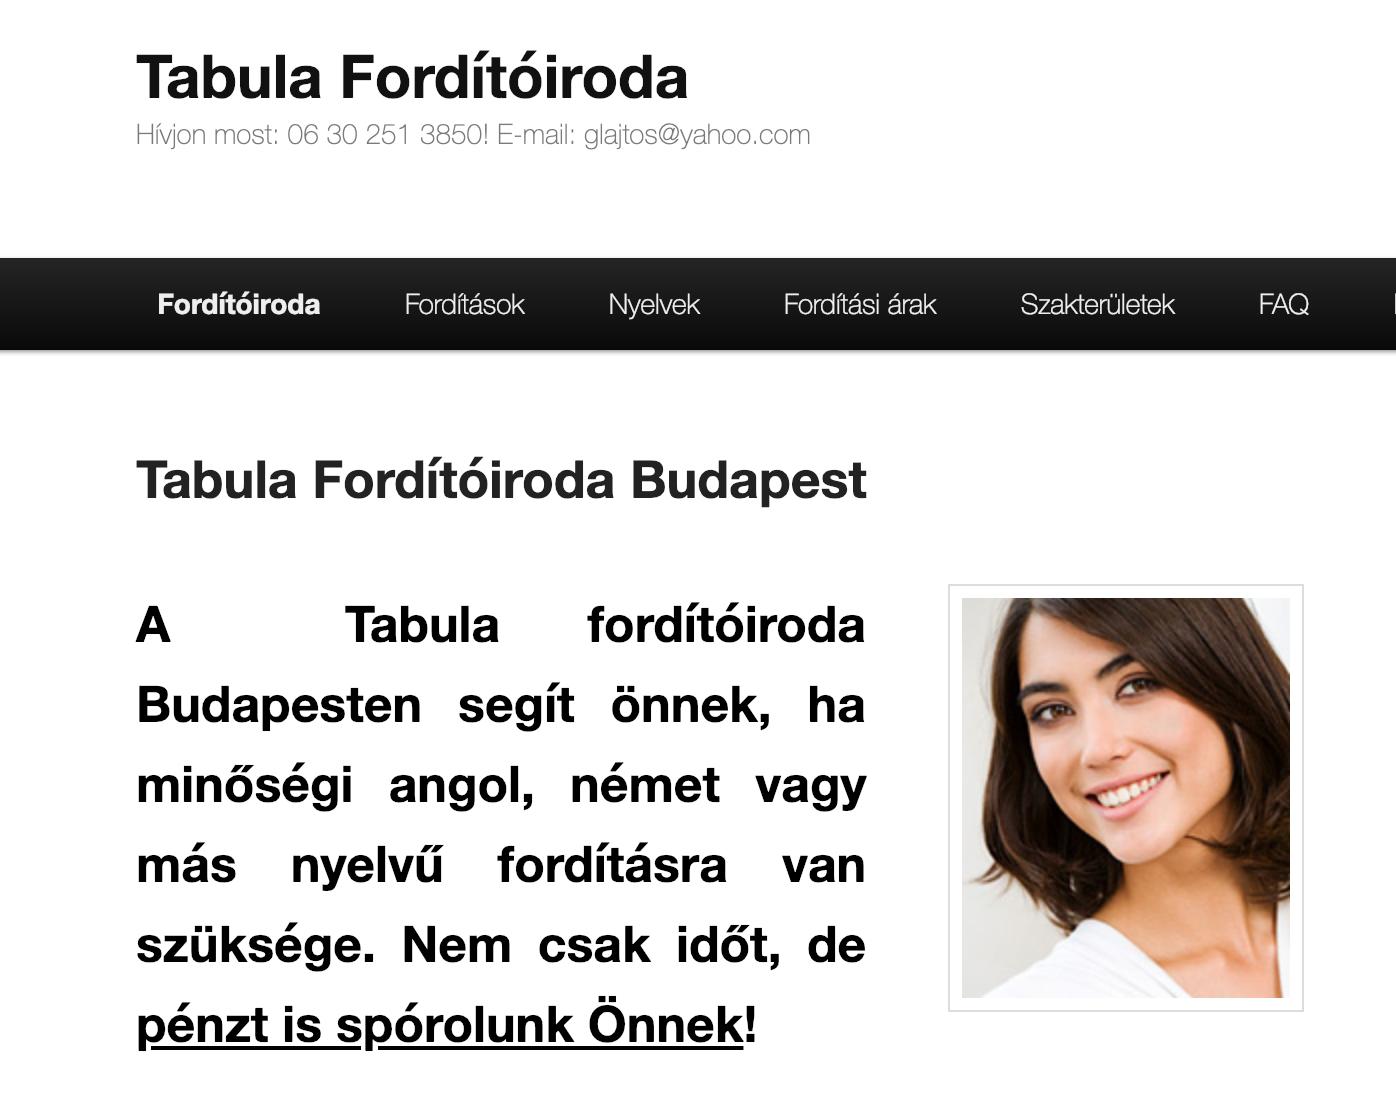 tabula fordító iroda